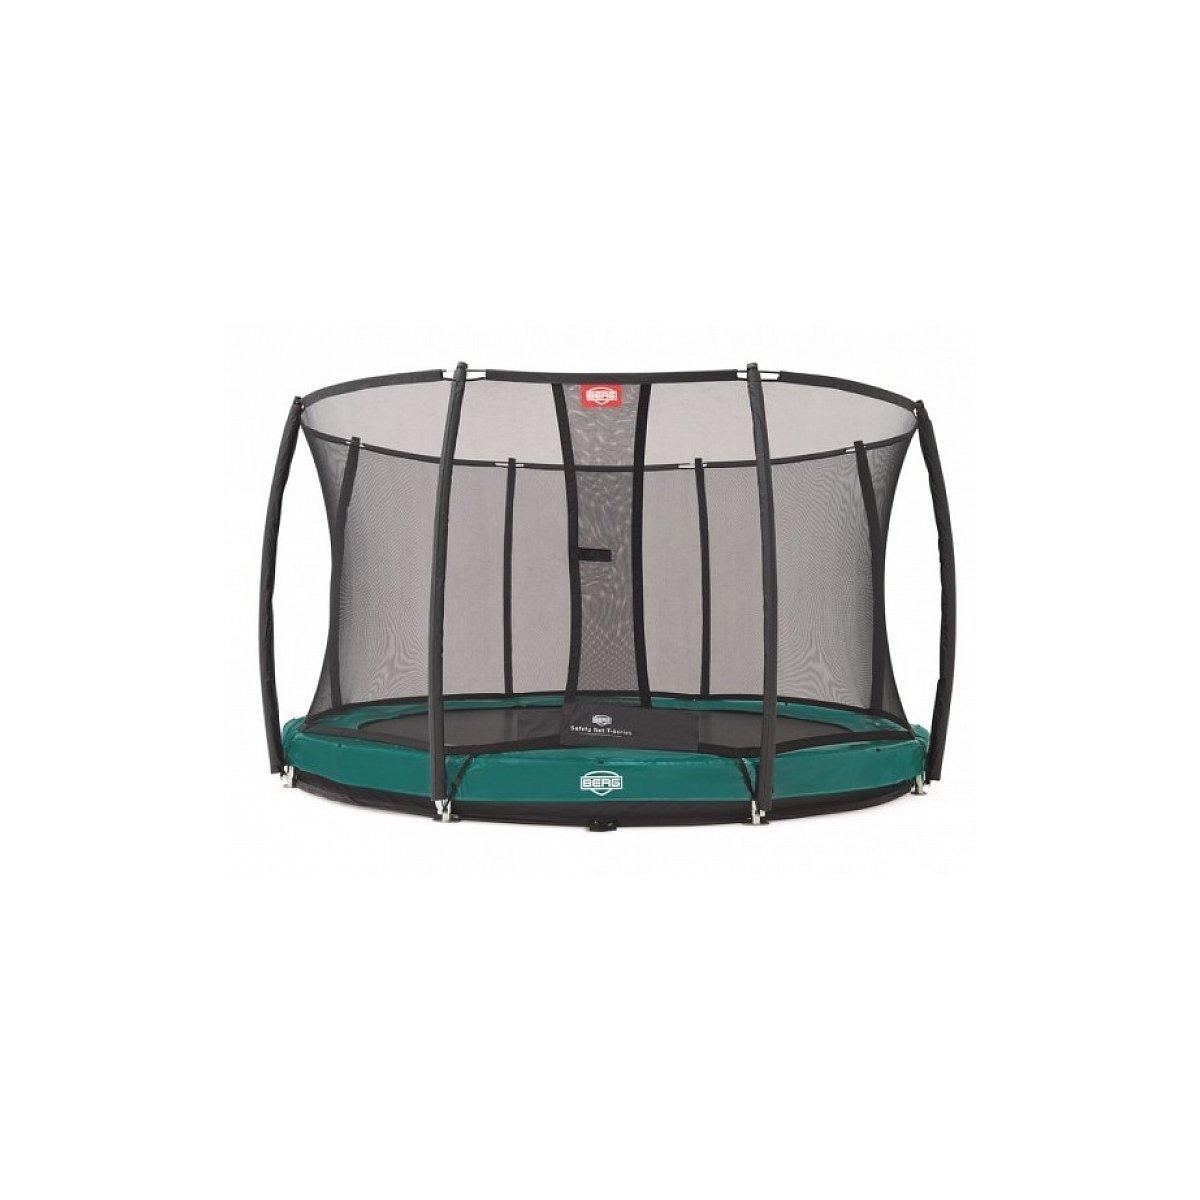 Berg® Trampolin InGround Elite mit Sicherheitsnetz Deluxe, ø 330 cm, Grün